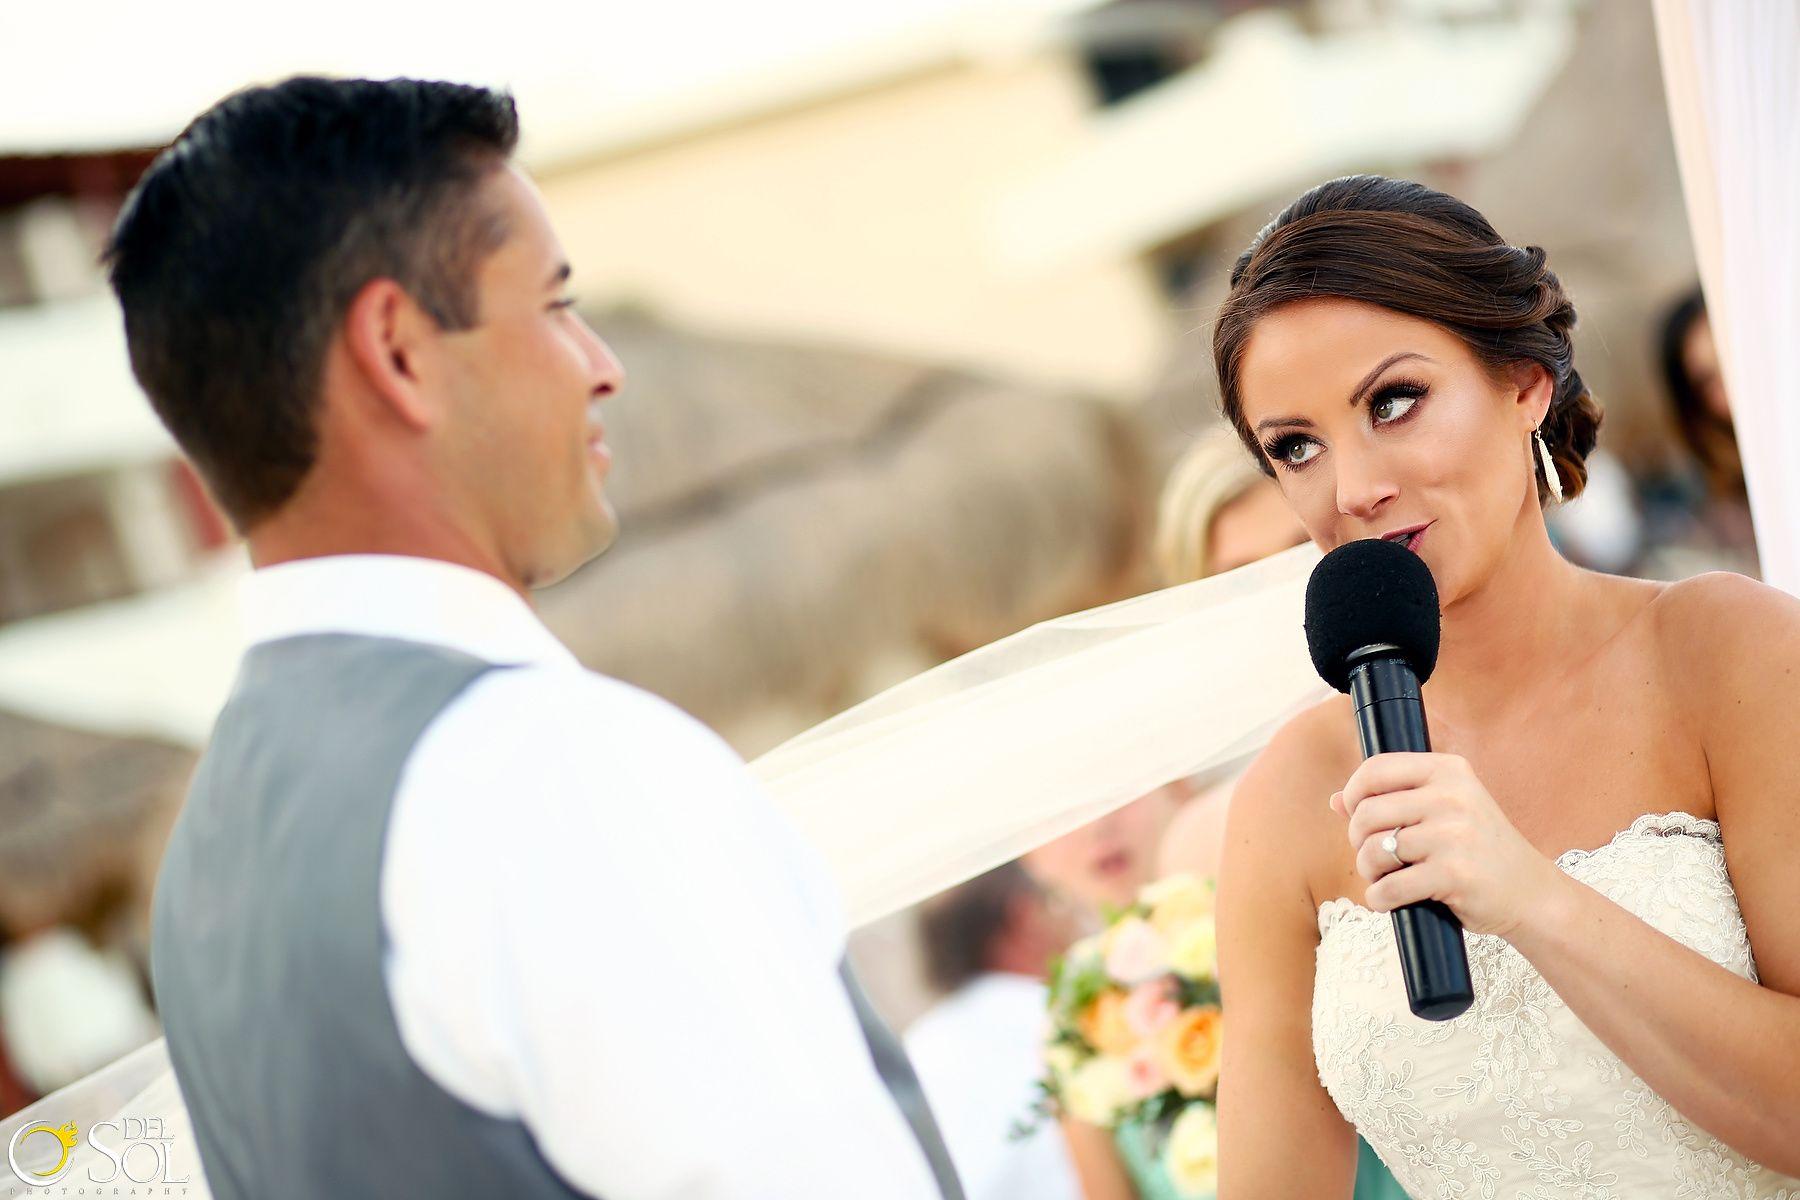 La novia diciendo unas palabras para su amado. Hermosa boda junto a ...